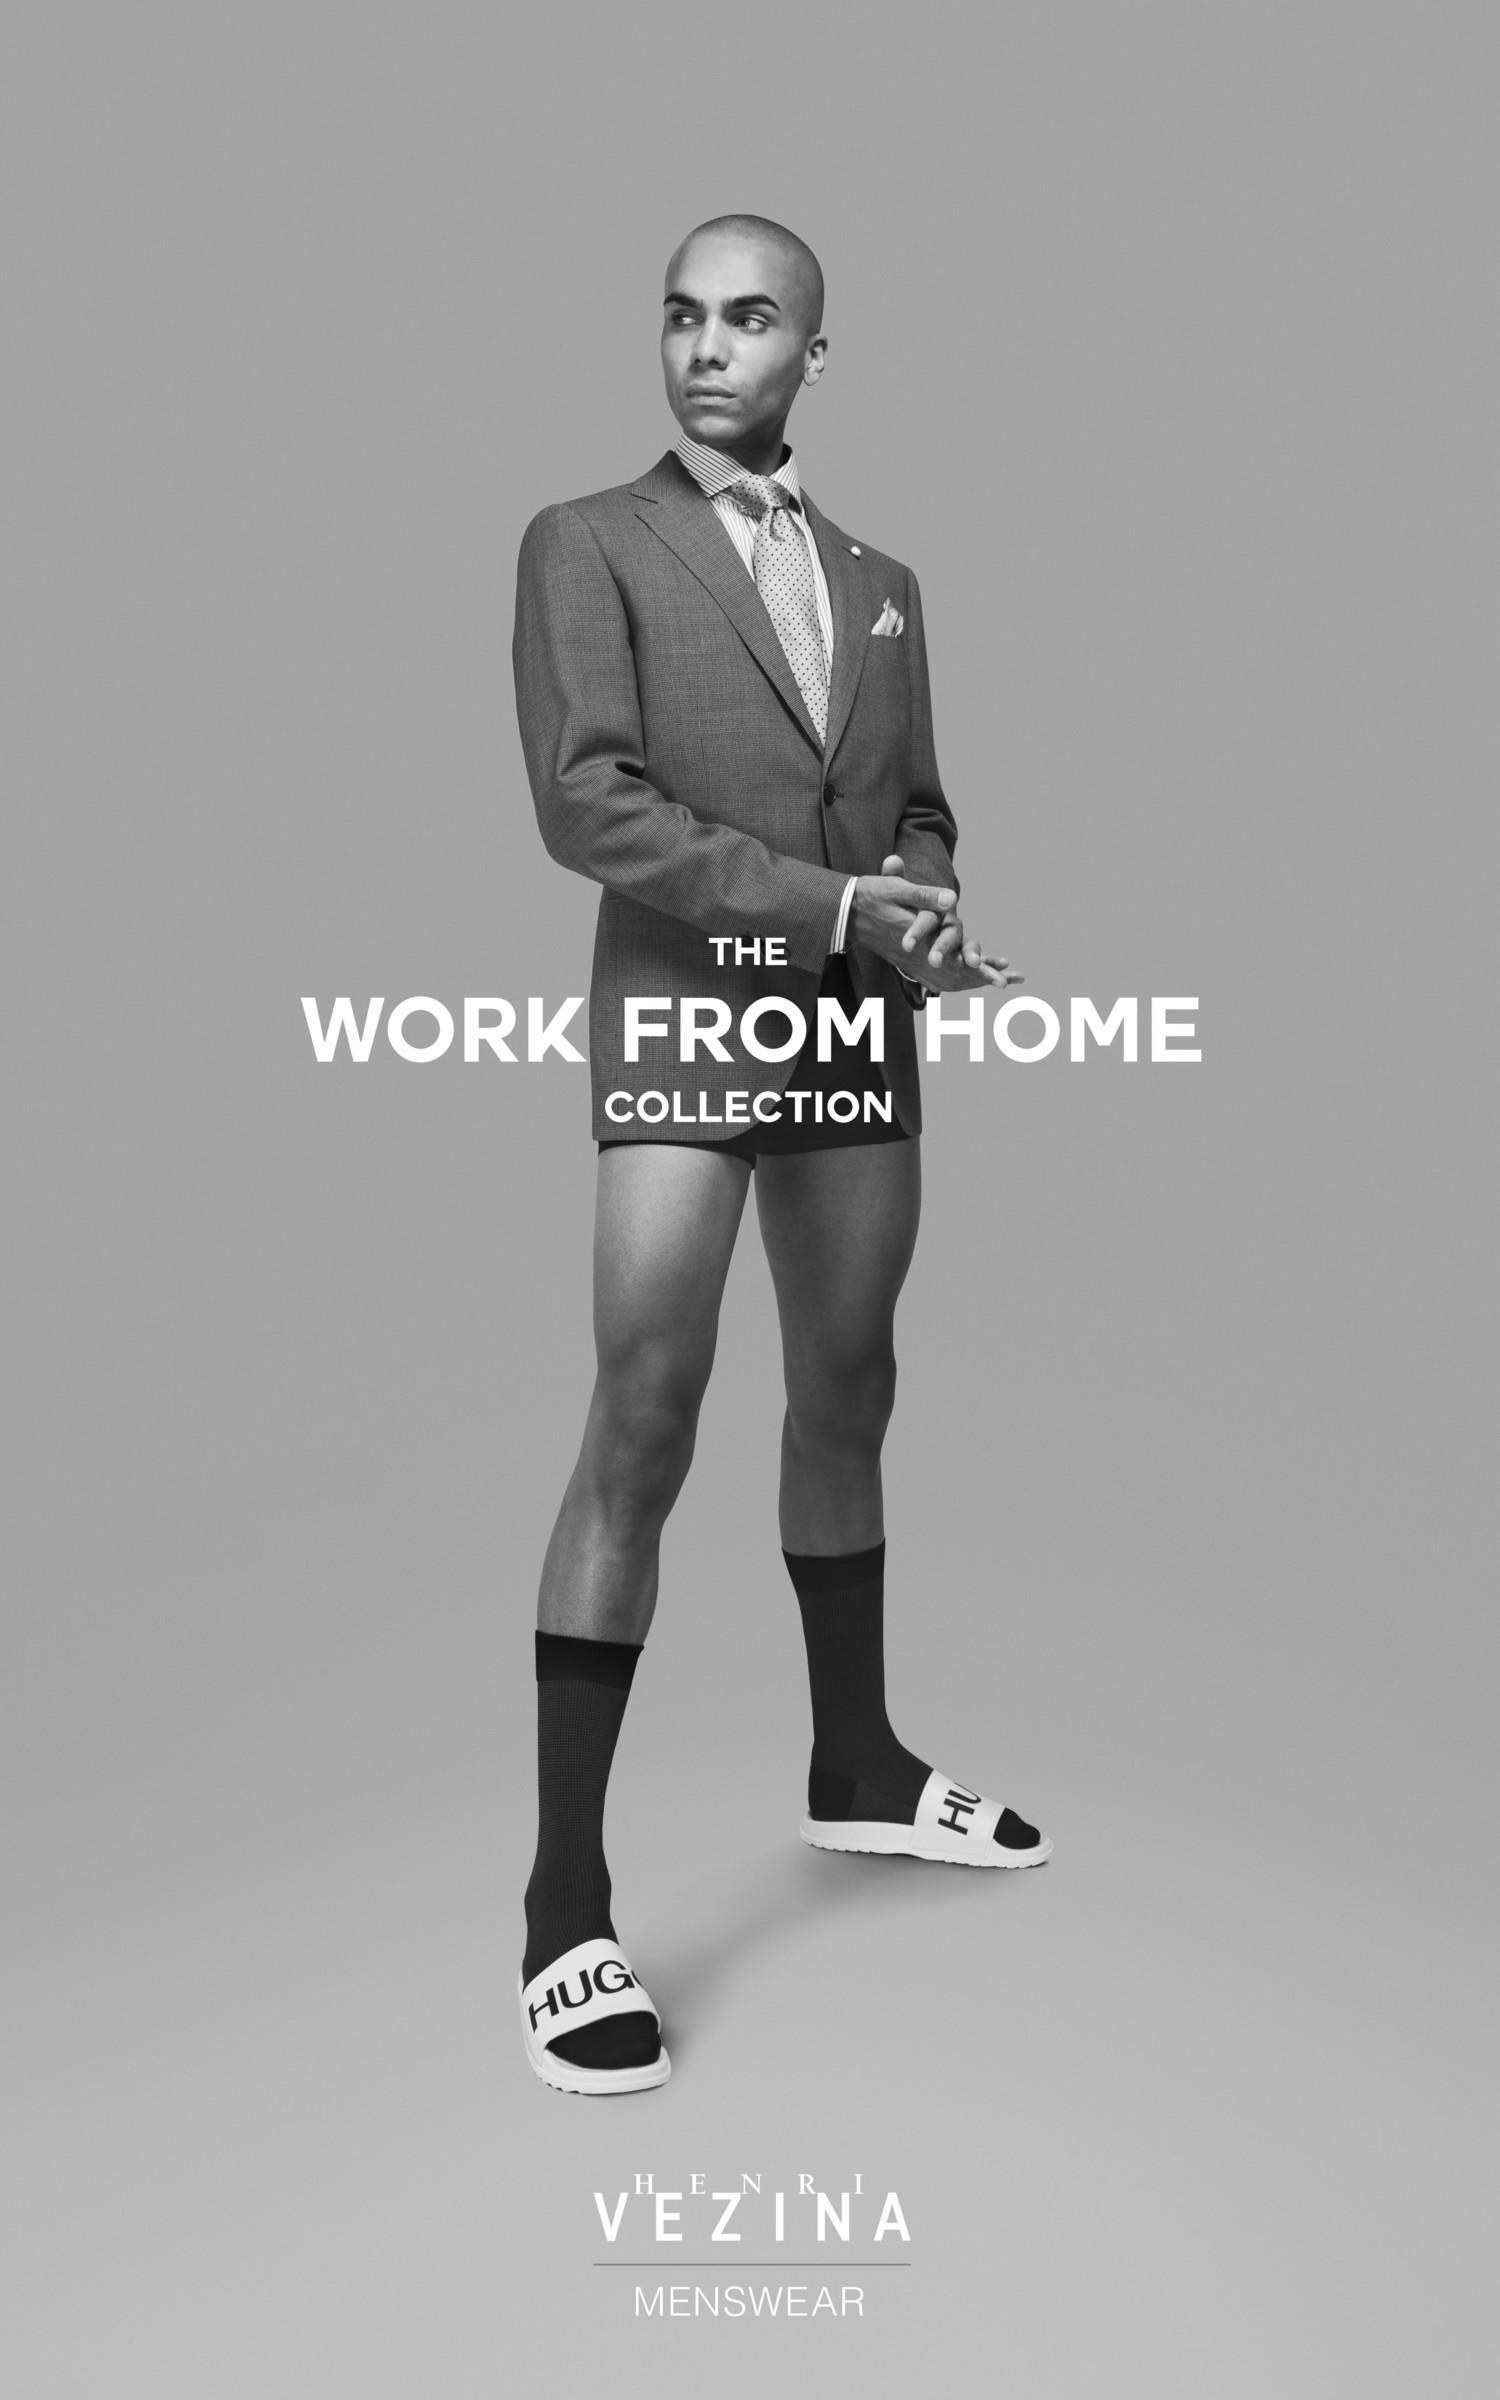 Канадский бренд Henri Vézina представил коллекцию одежды для дистанционной работы